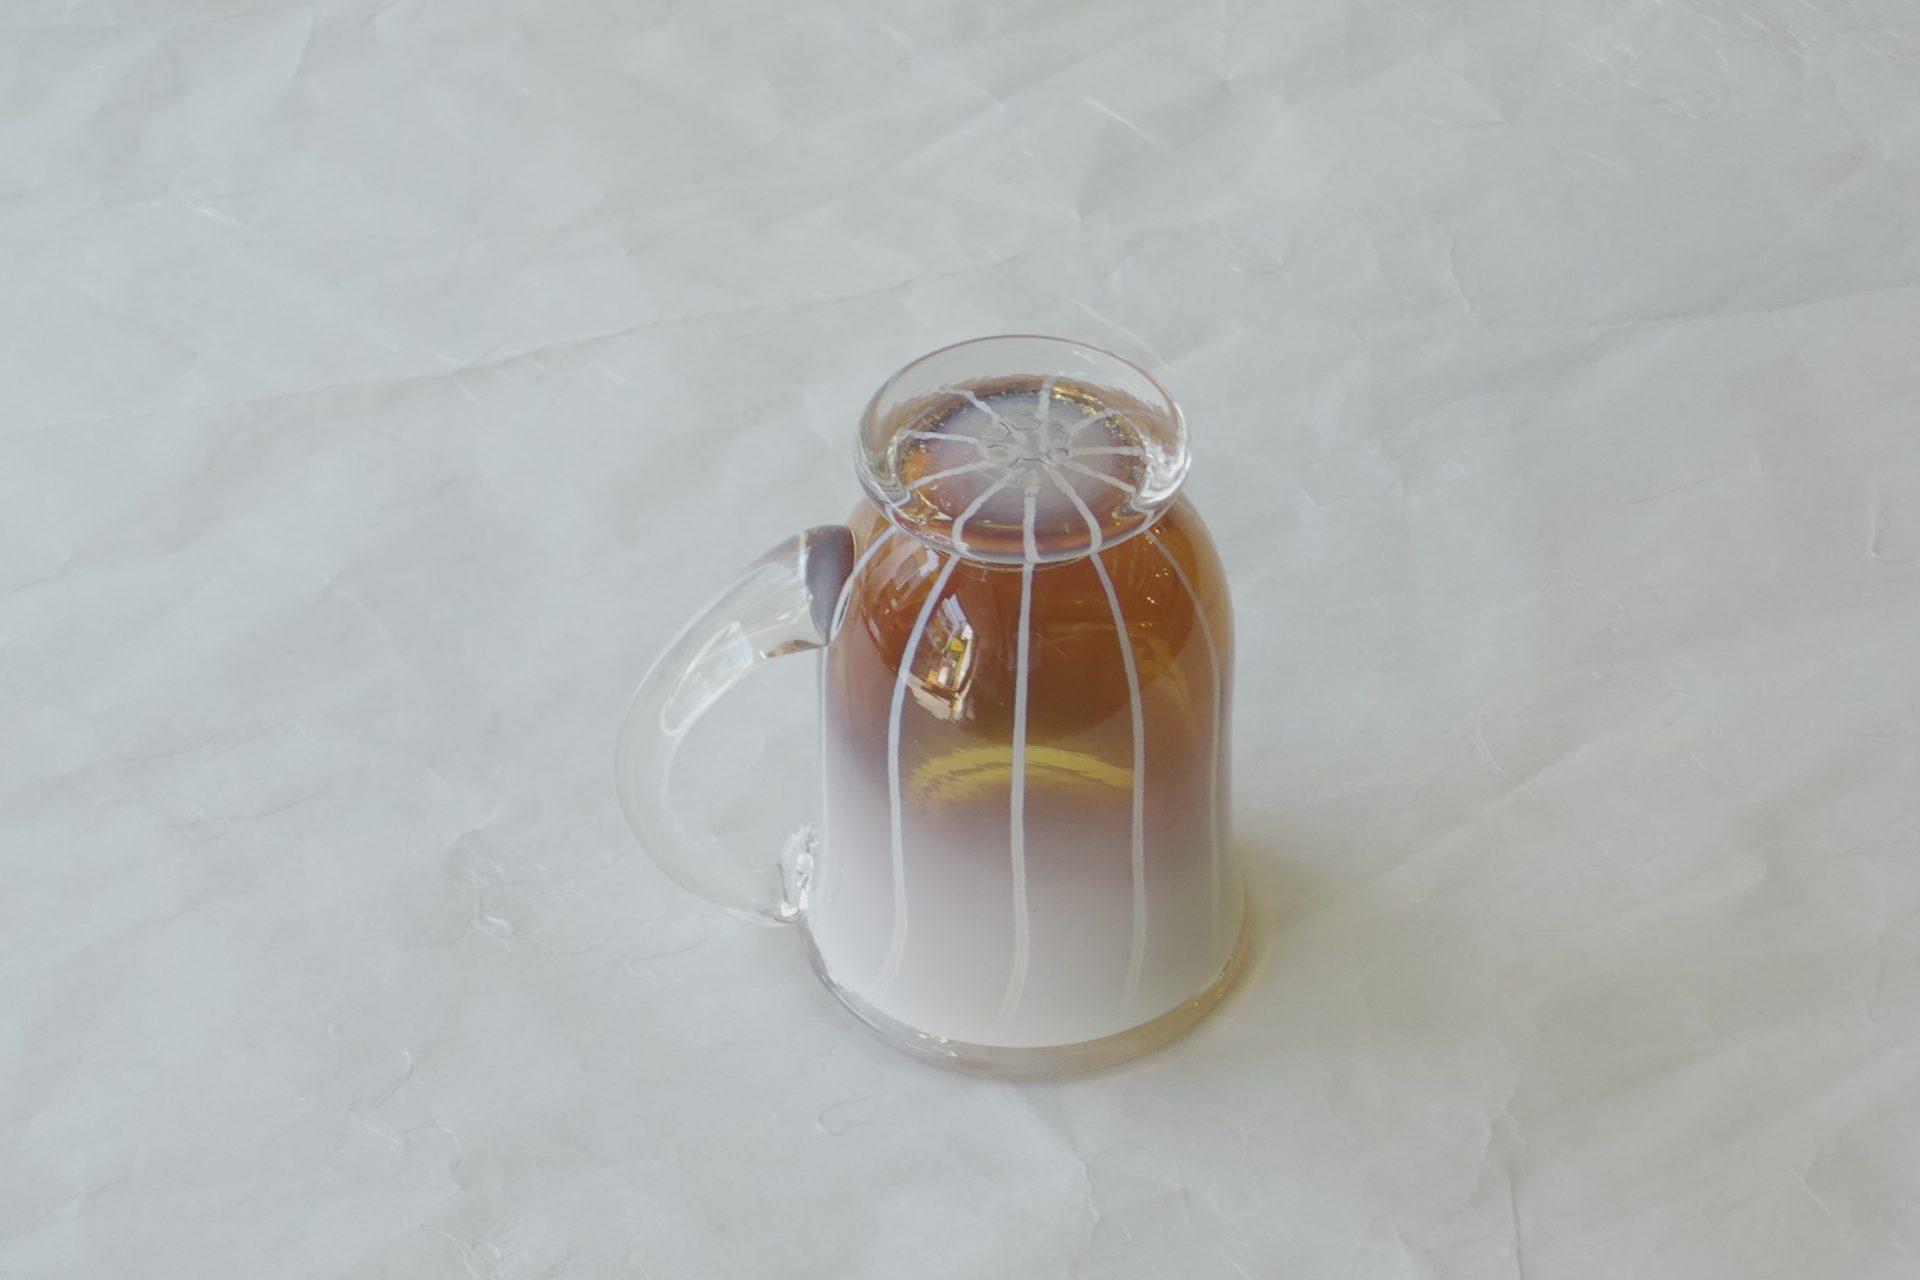 日本製 耐熱ガラス マグカップ ハンドメイド 手づくり ガラス器 窯変 ホワイト アンバー ストライプ グラデーション 美しい色彩 芸術 持ち手 握りやすい 飲みやすい 反った口作り 低めの高台 安定 使いやすい 硬い 欠けにくい